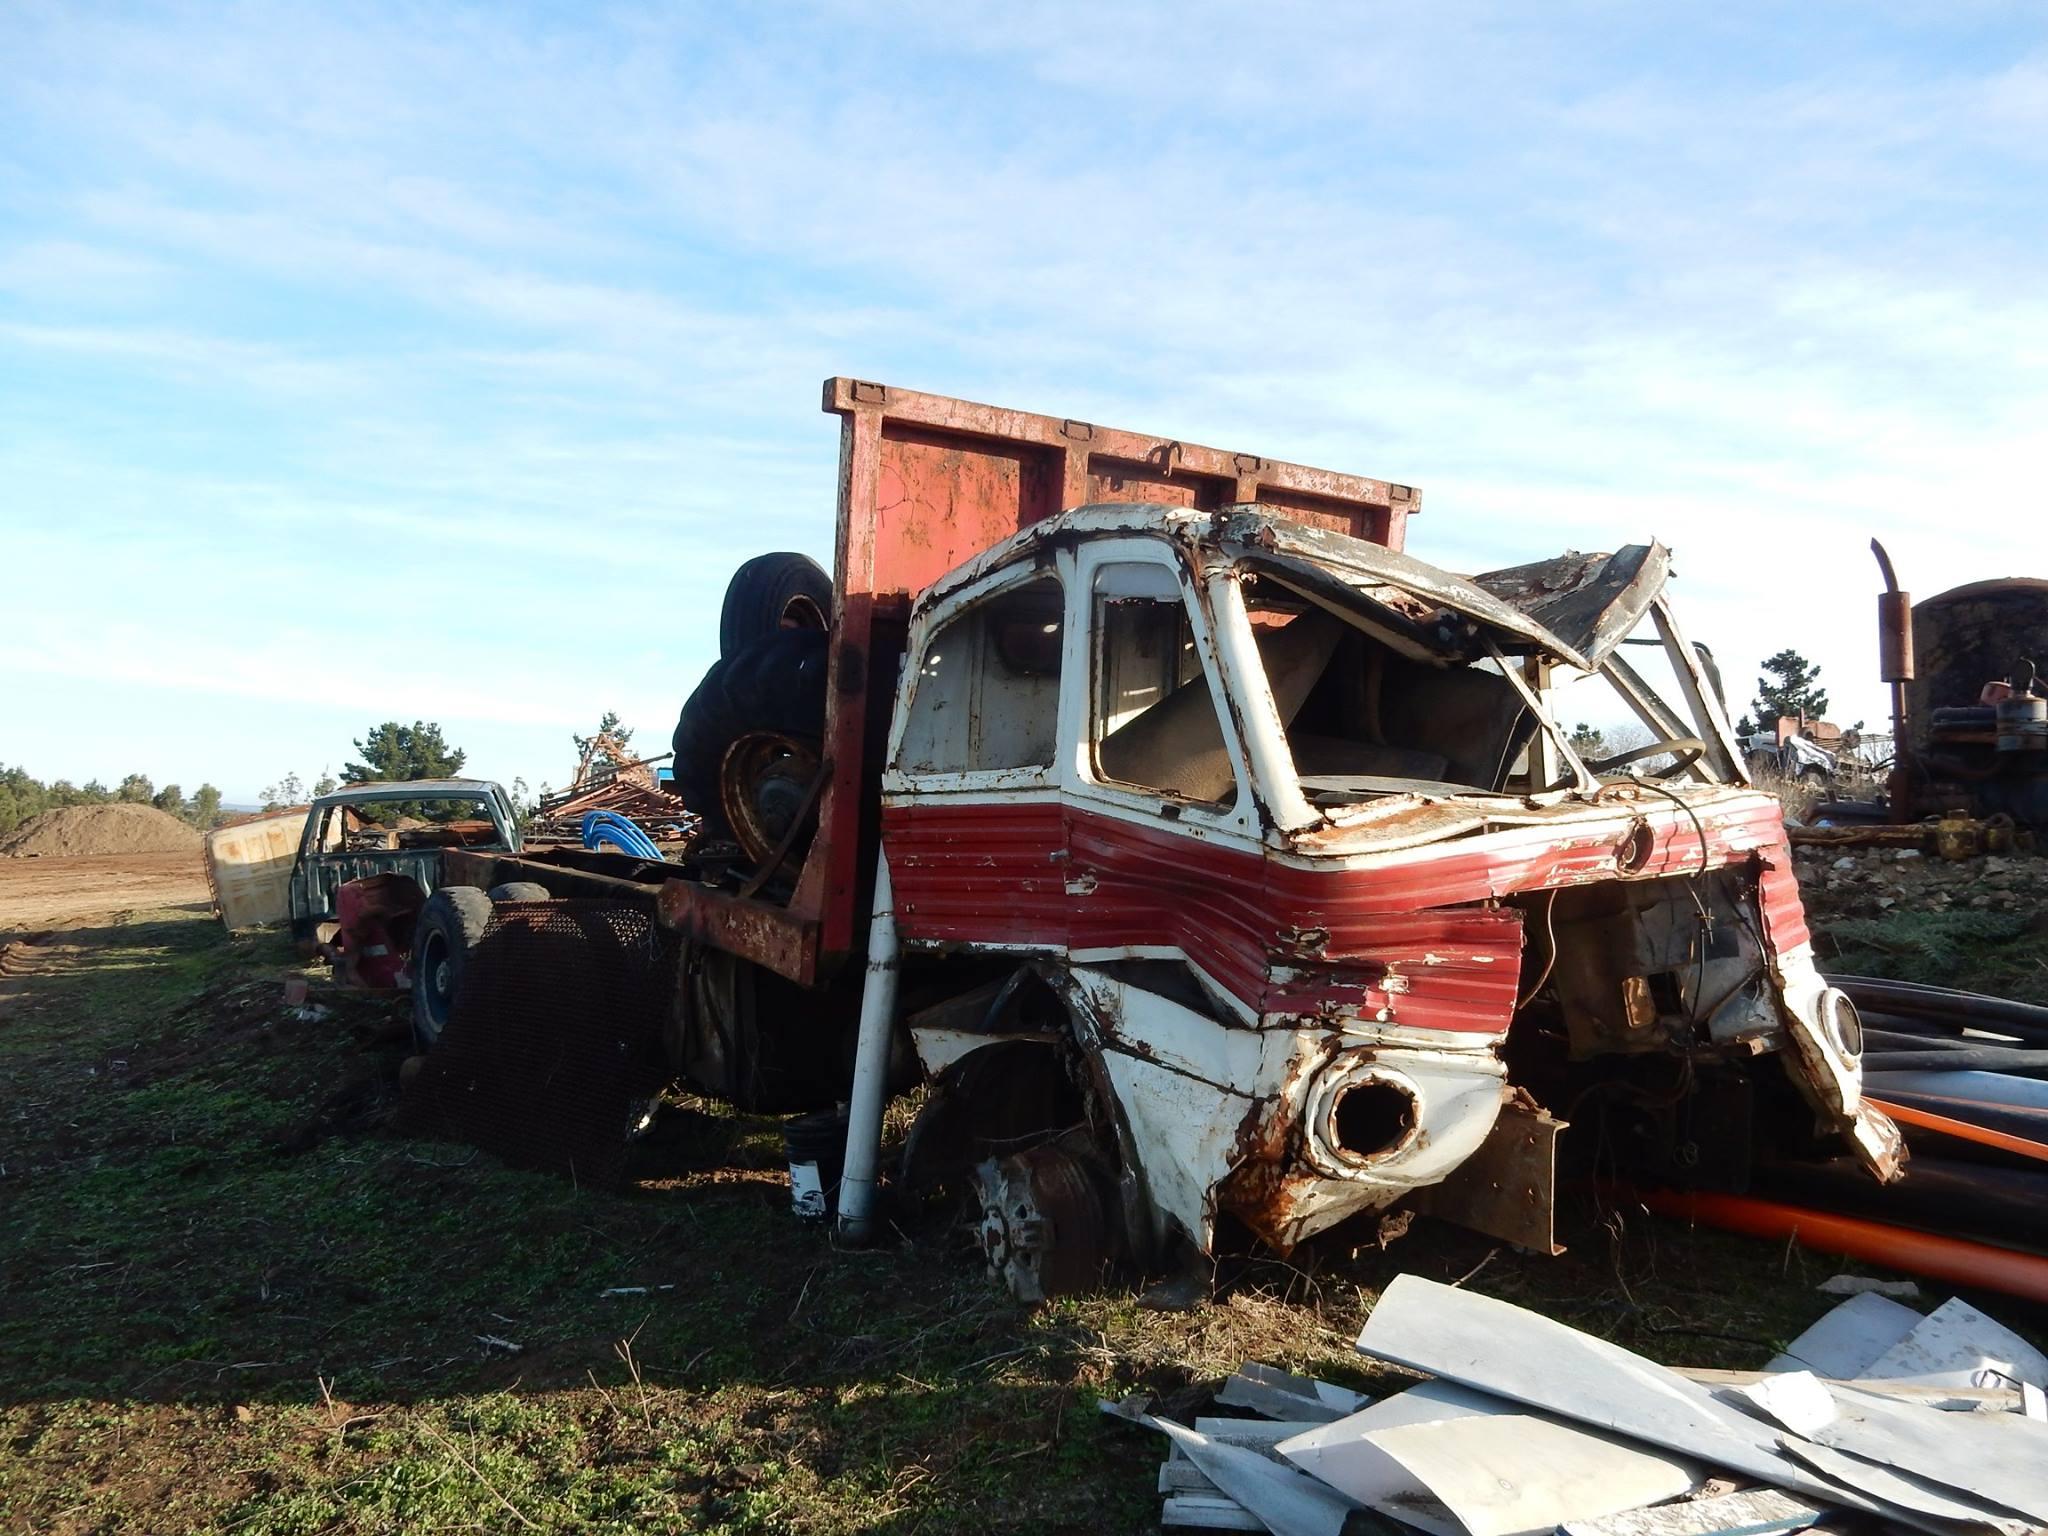 Camiones-vieja-escuela-olvidados-113